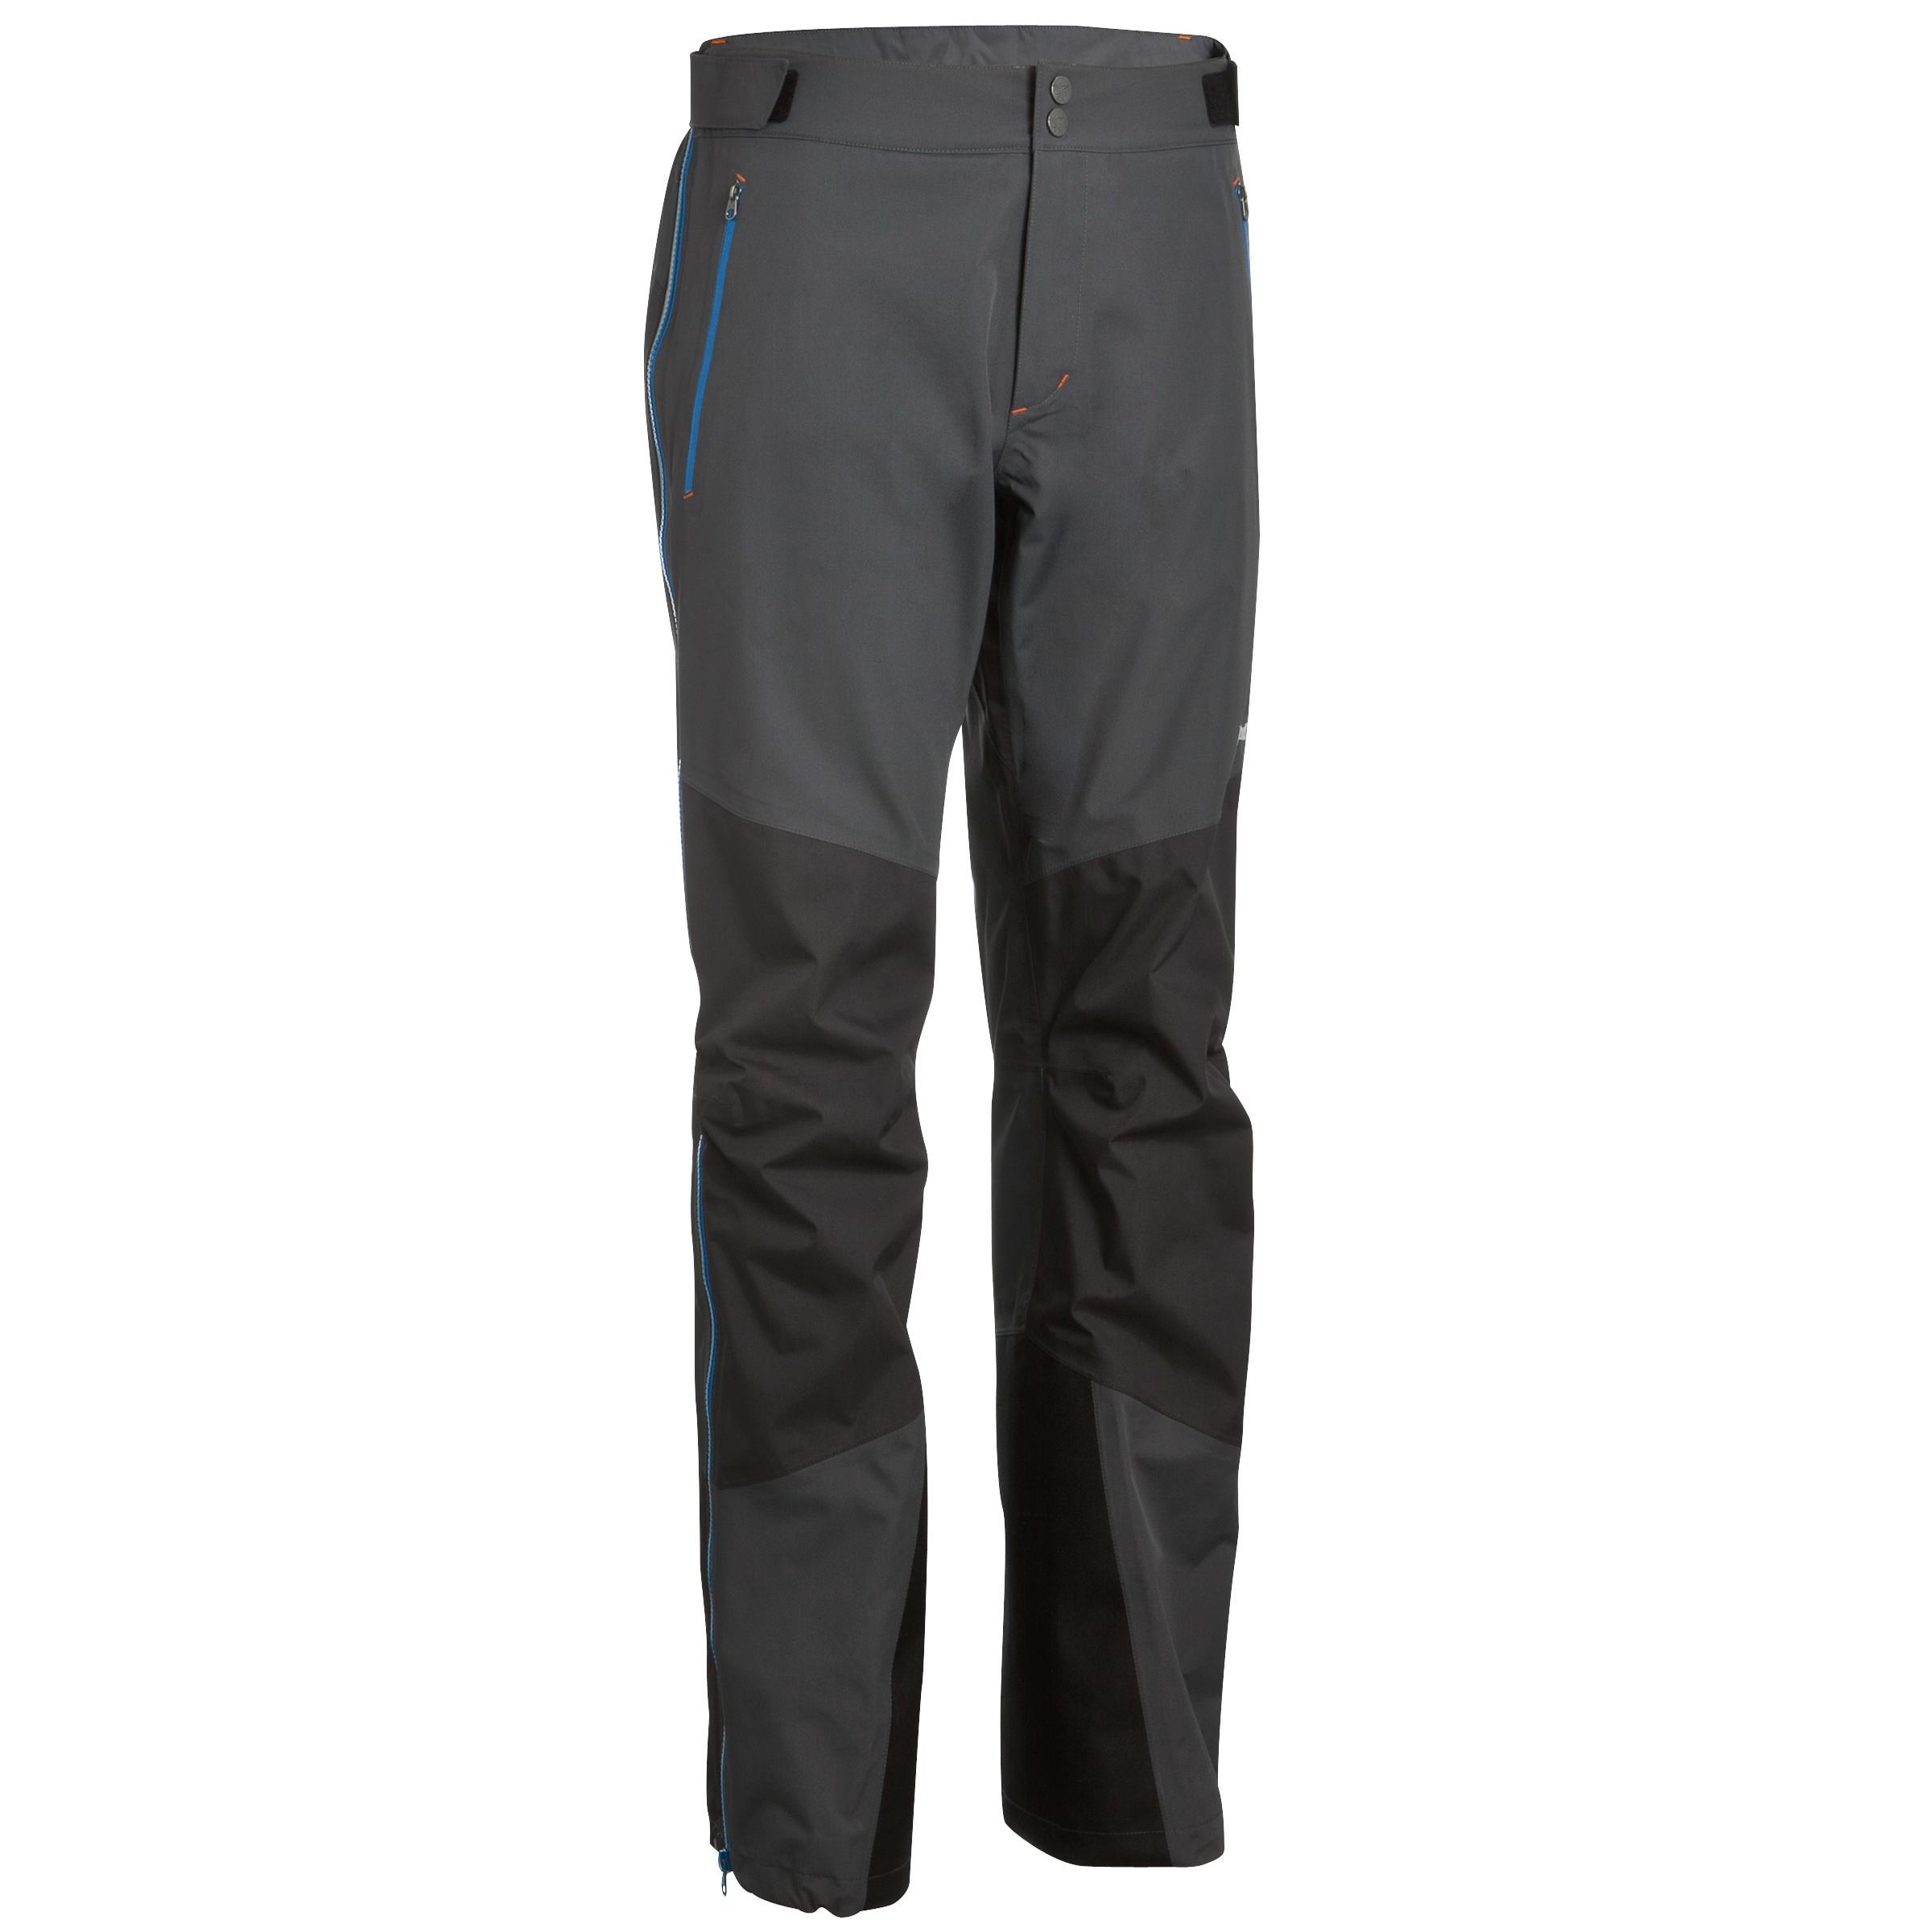 Men's Mountaineering Top-Layer Pants - Grey